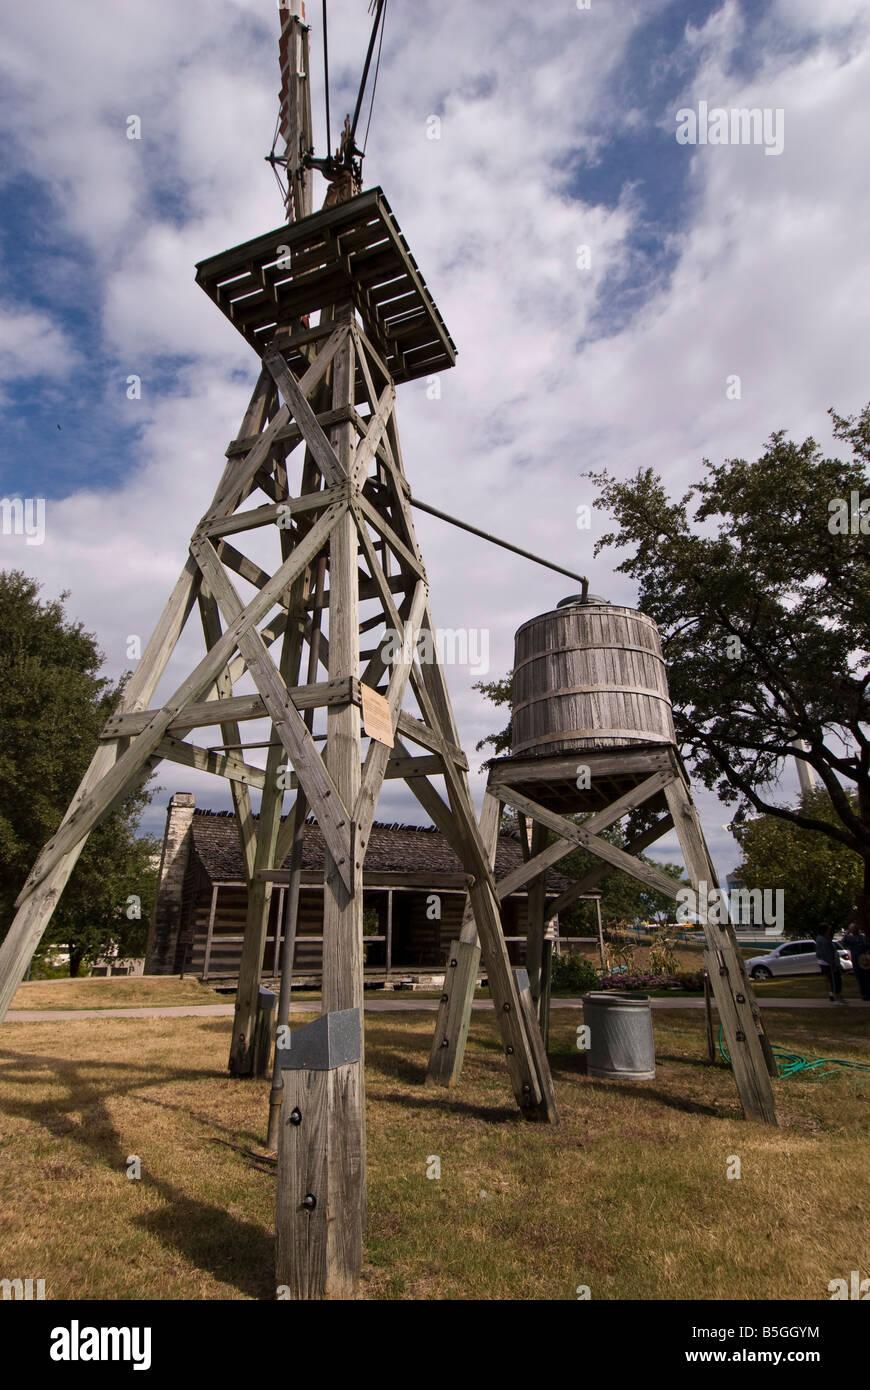 Molino histórico fuera el Instituto de Culturas Tejanas, San Antonio, Texas. Imagen De Stock